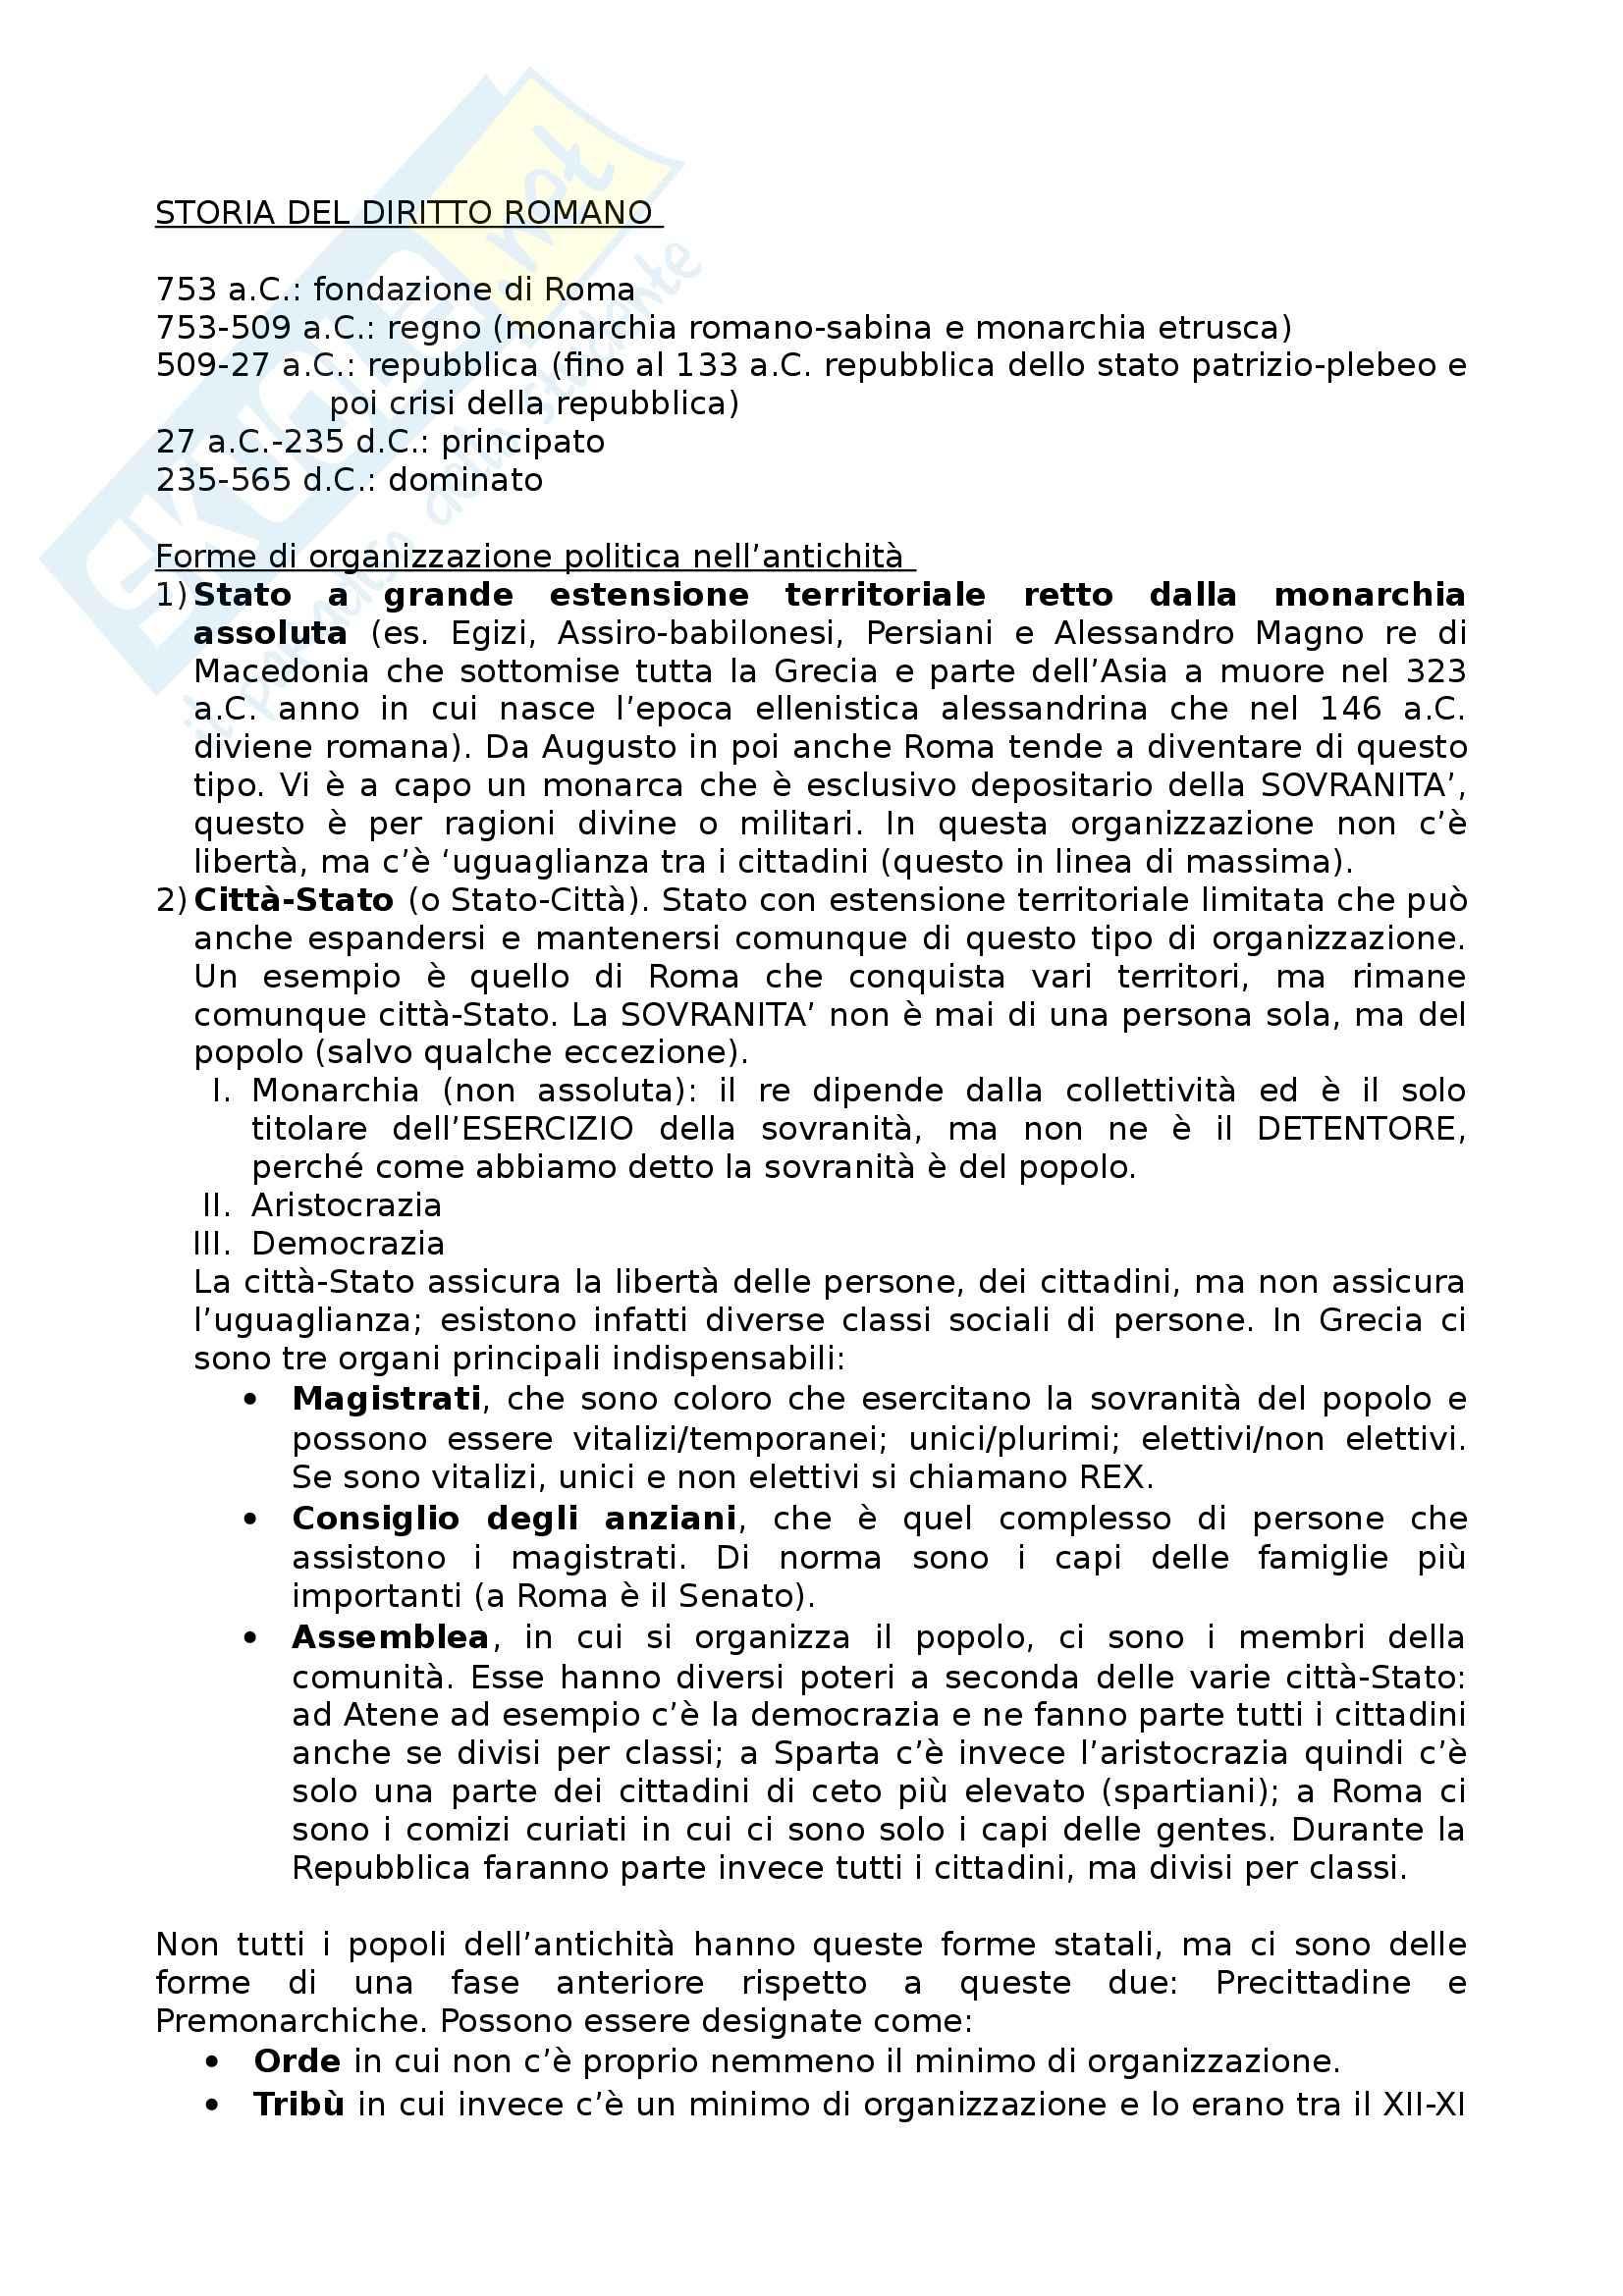 Storia del diritto romano - Appunti